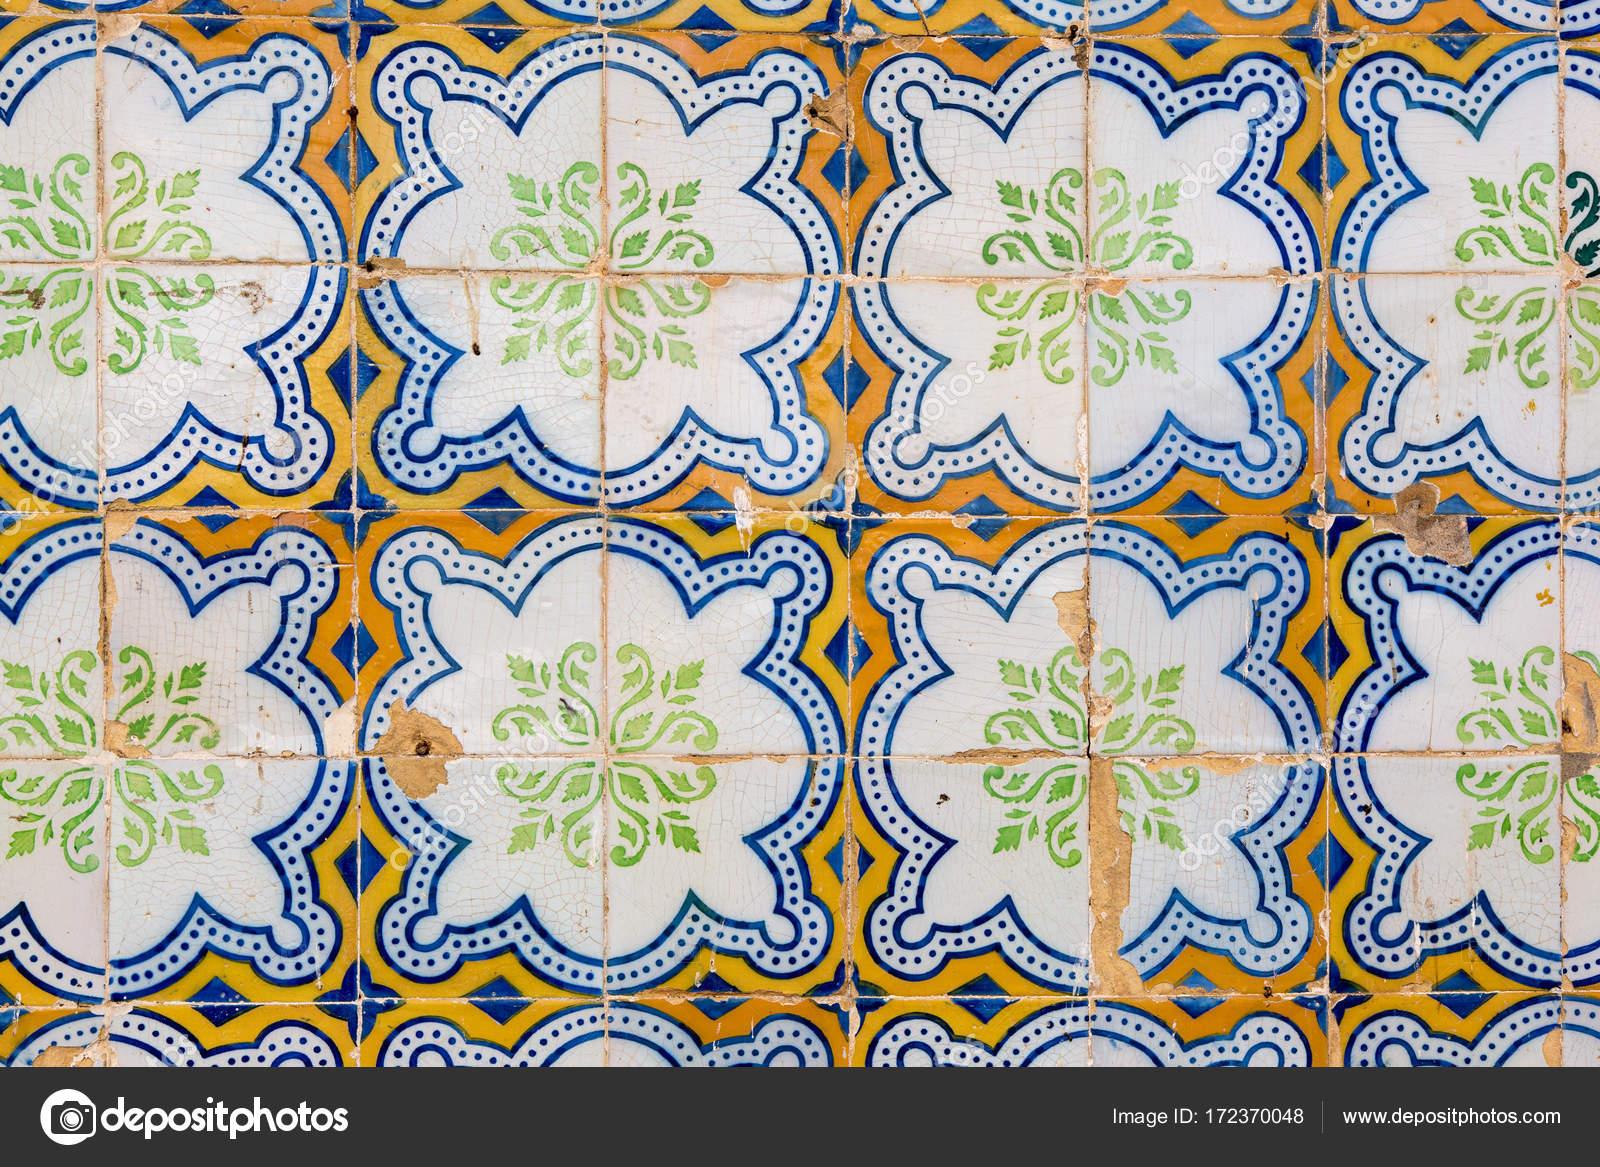 Azulejos De Cer Mica Tradicional T Pico Azulejos De El